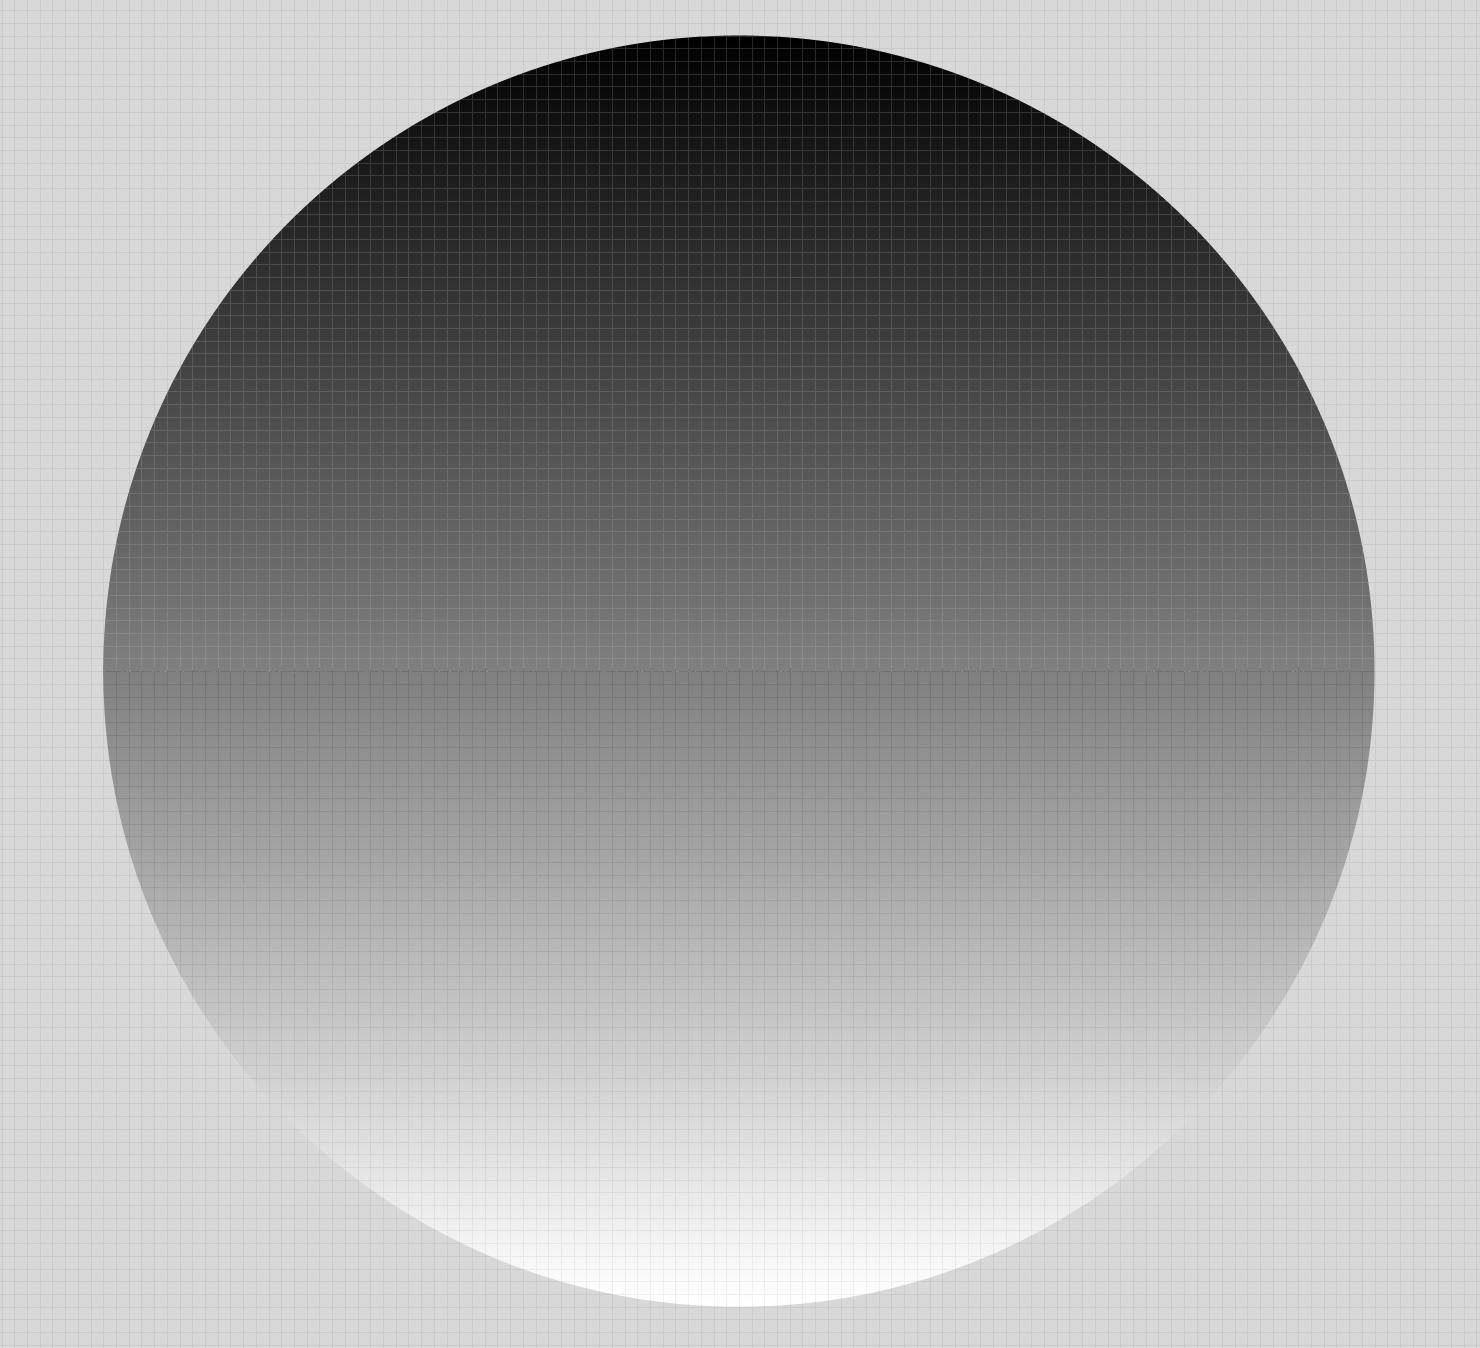 Screen Shot 2017-01-01 at 8.46.13 PM.png